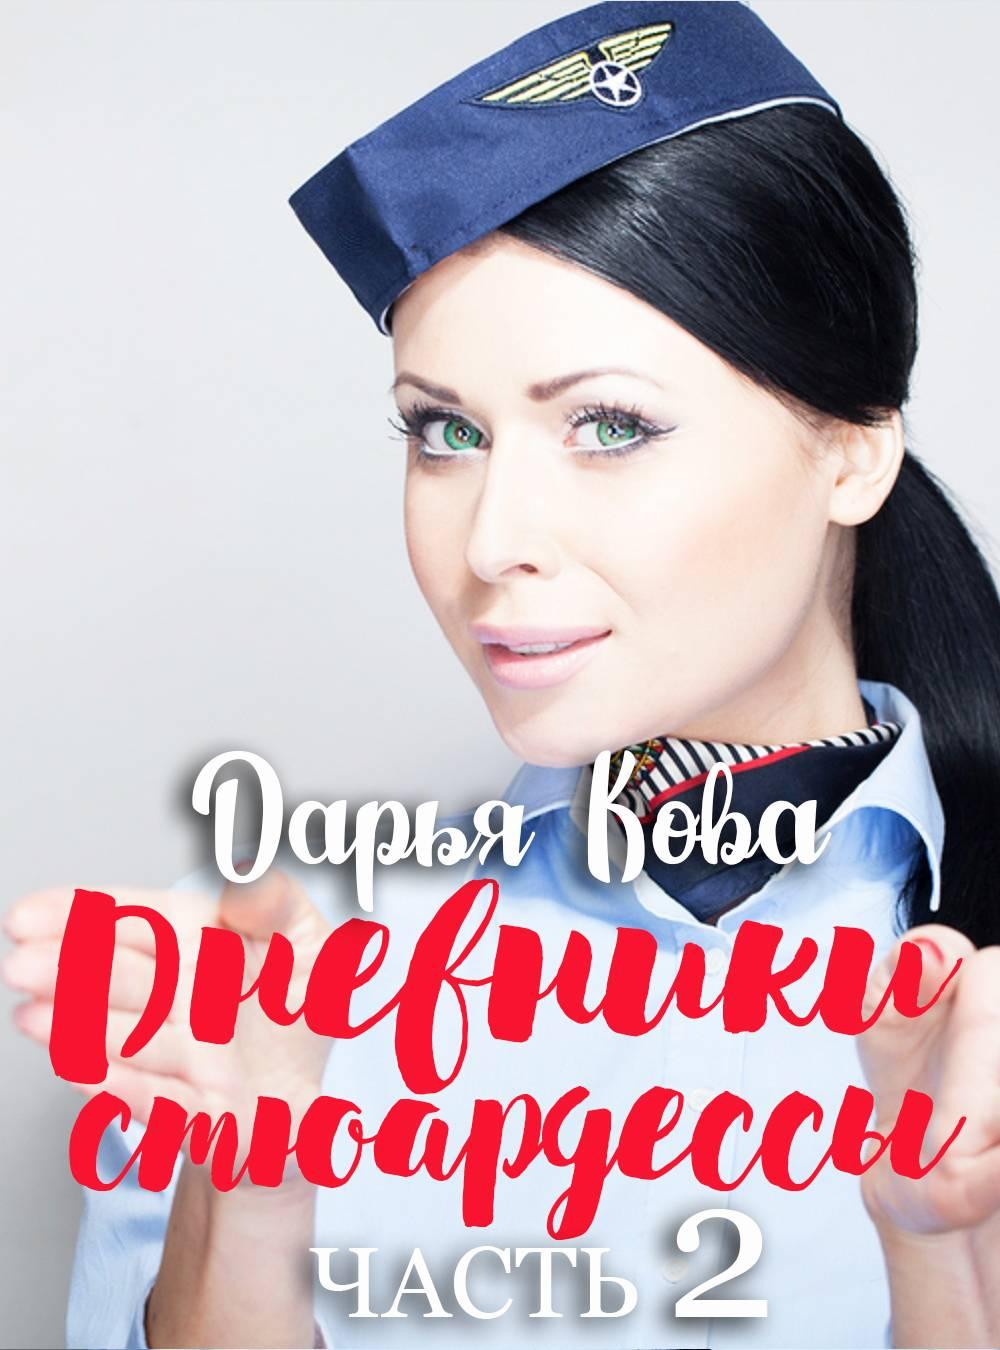 Дарья Кова Дневники стюардессы. Часть 2 дарья кова дневники стюардессы назад в ссср